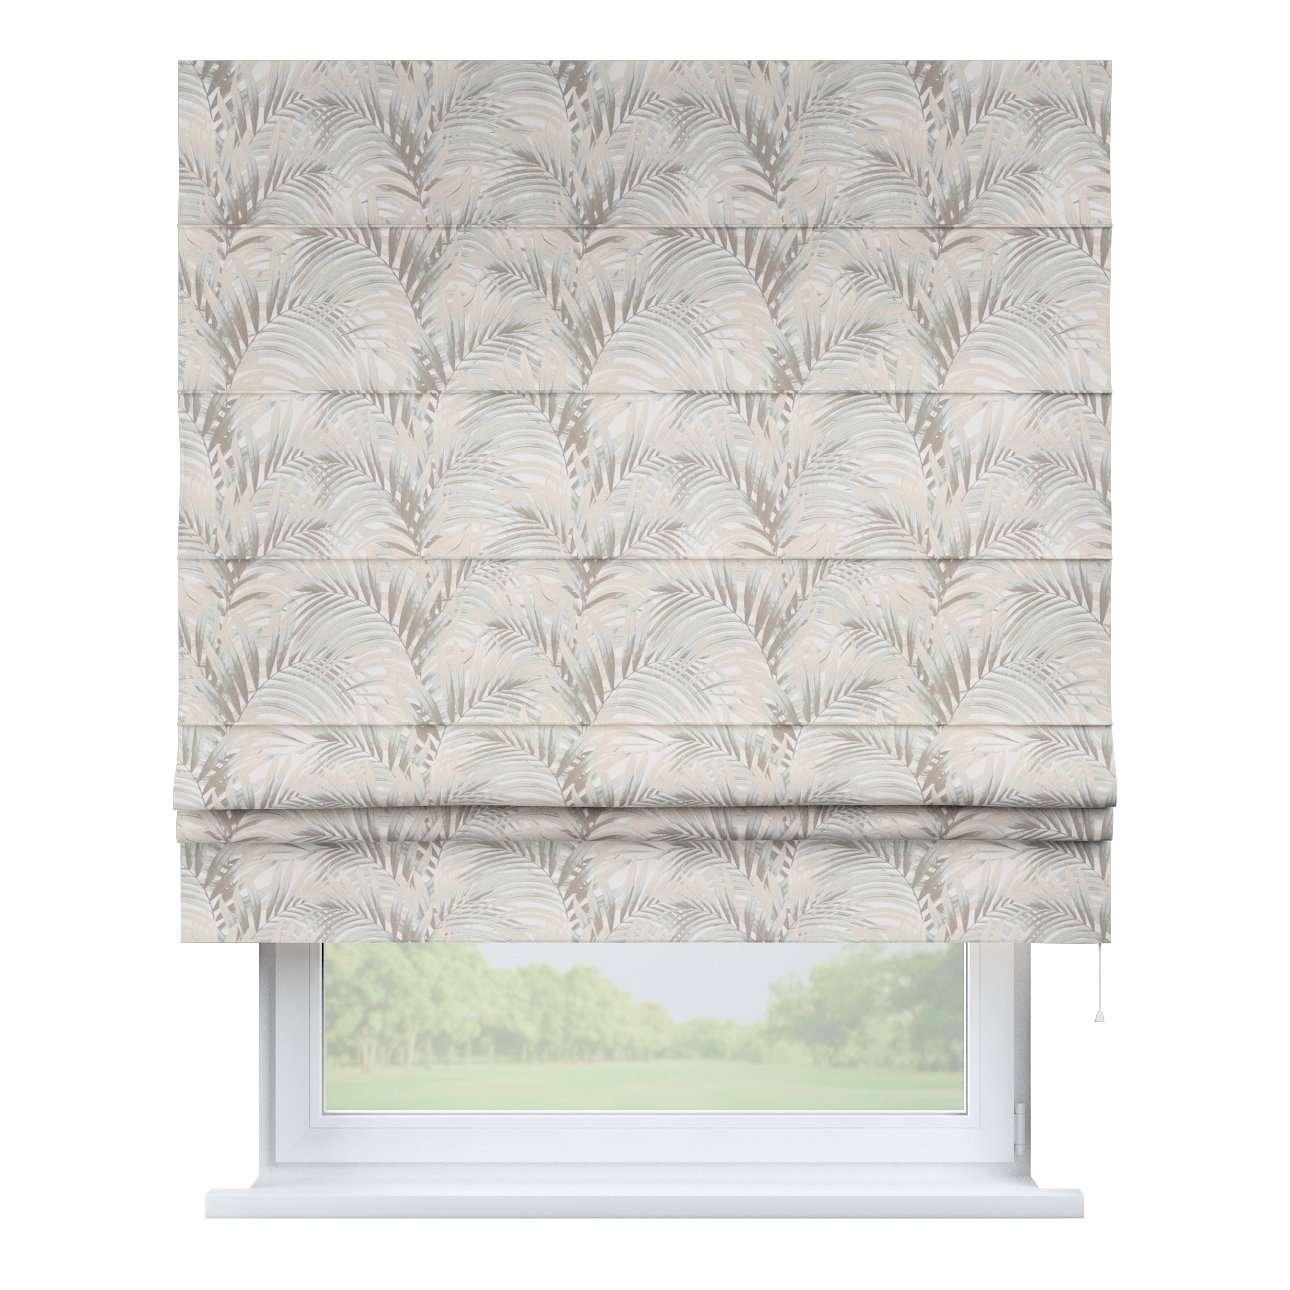 Rímska roleta Padva V kolekcii Gardenia, tkanina: 142-14